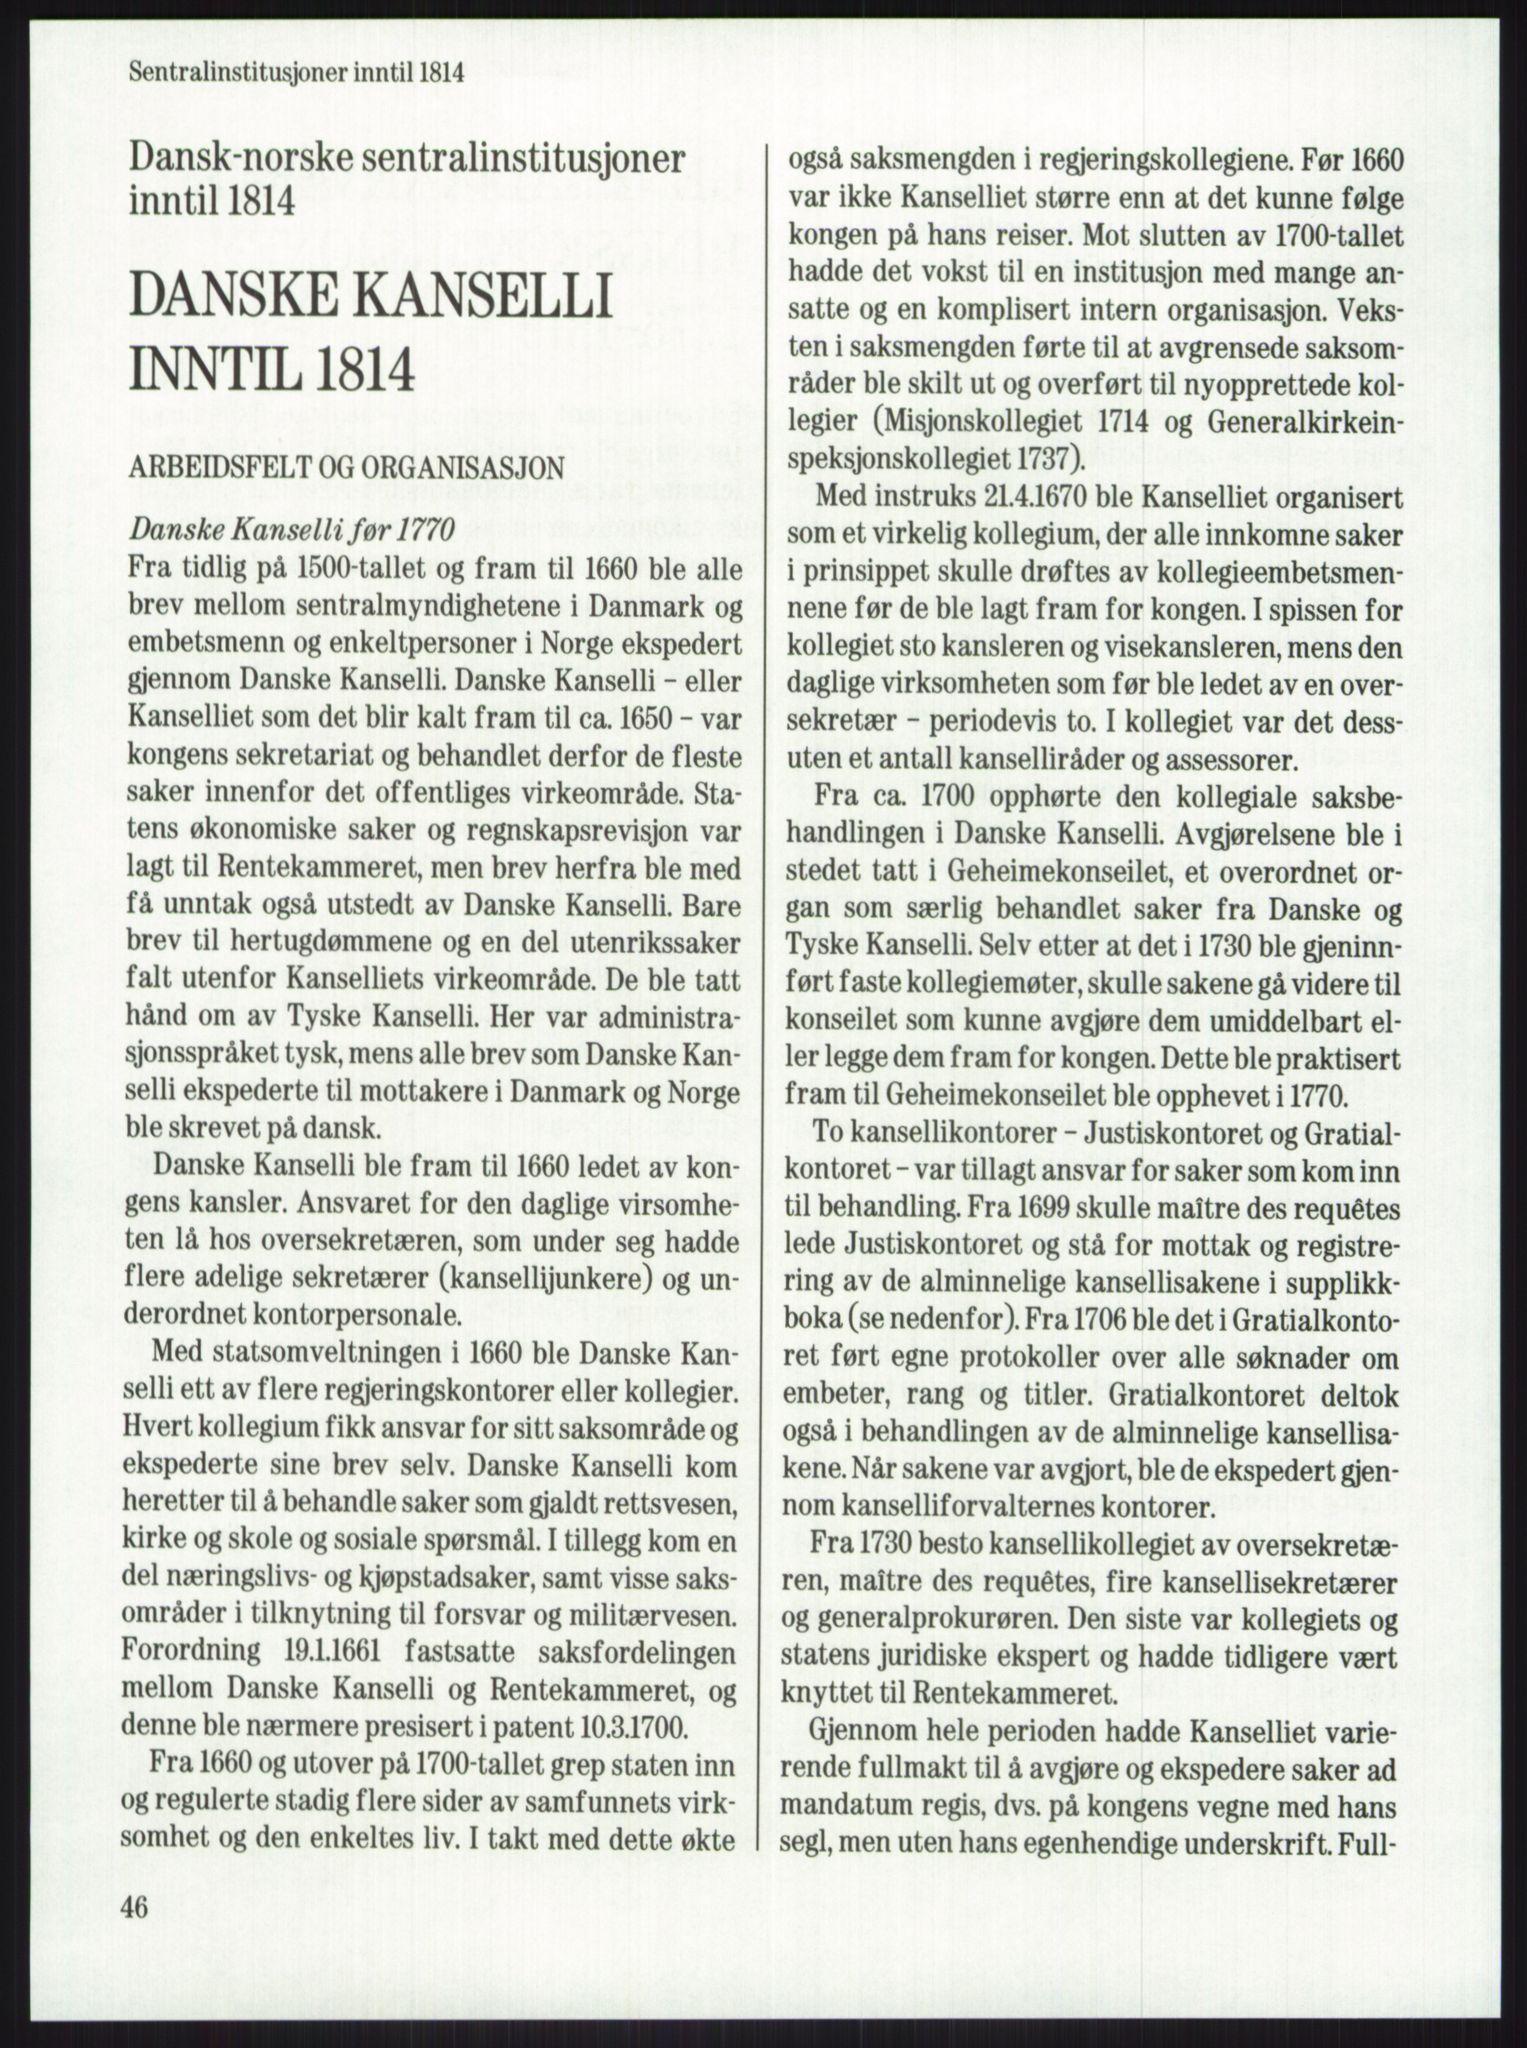 RA, Publikasjoner, -/-: Knut Johannessen, Ole Kolsrud og Dag Mangset (red.): Håndbok for Riksarkivet (1992), s. 46